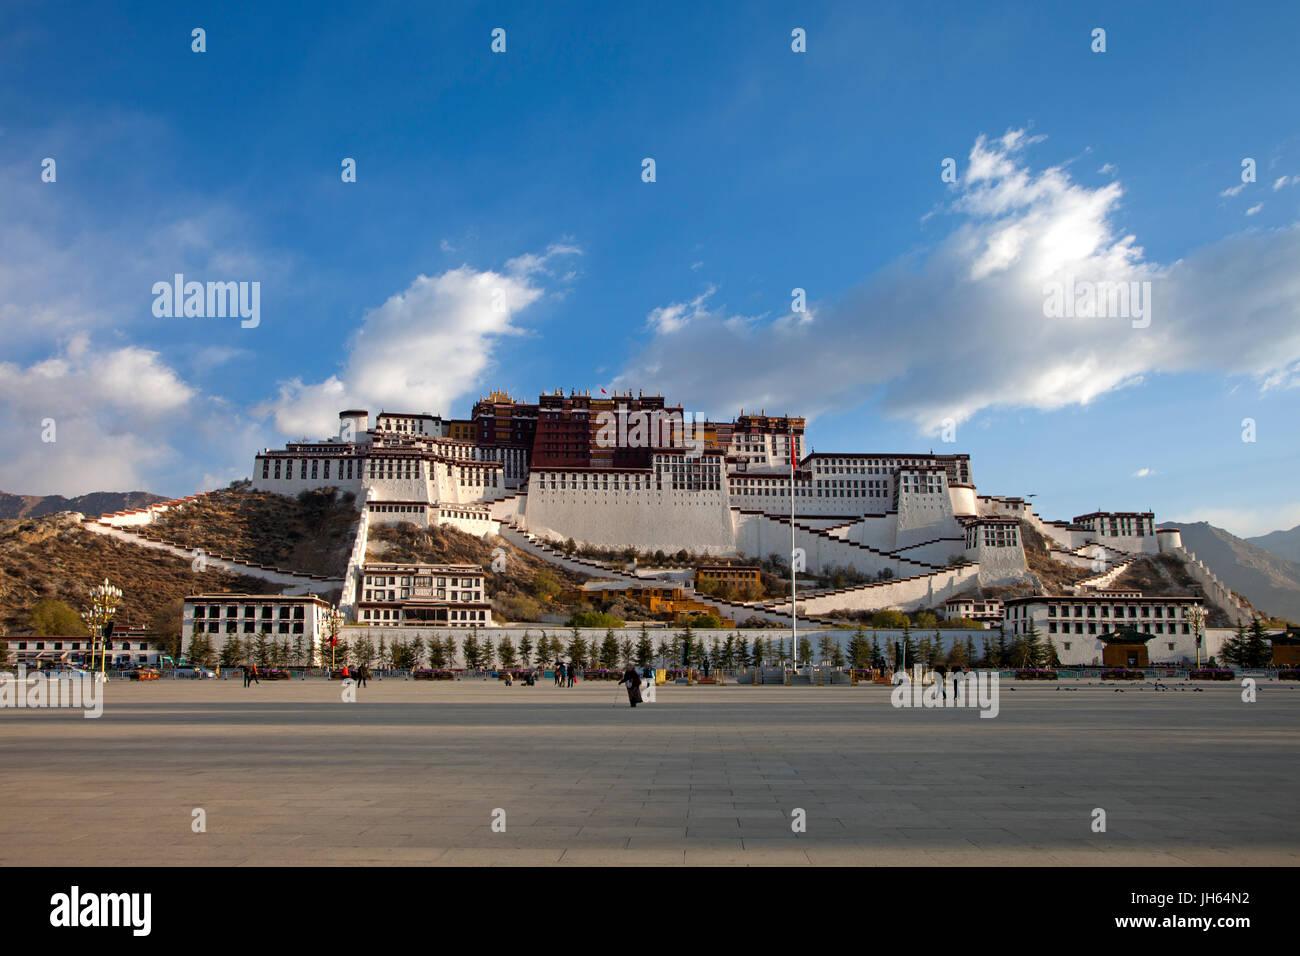 the Potala Palace,Lhasa,Tibet,China - Stock Image